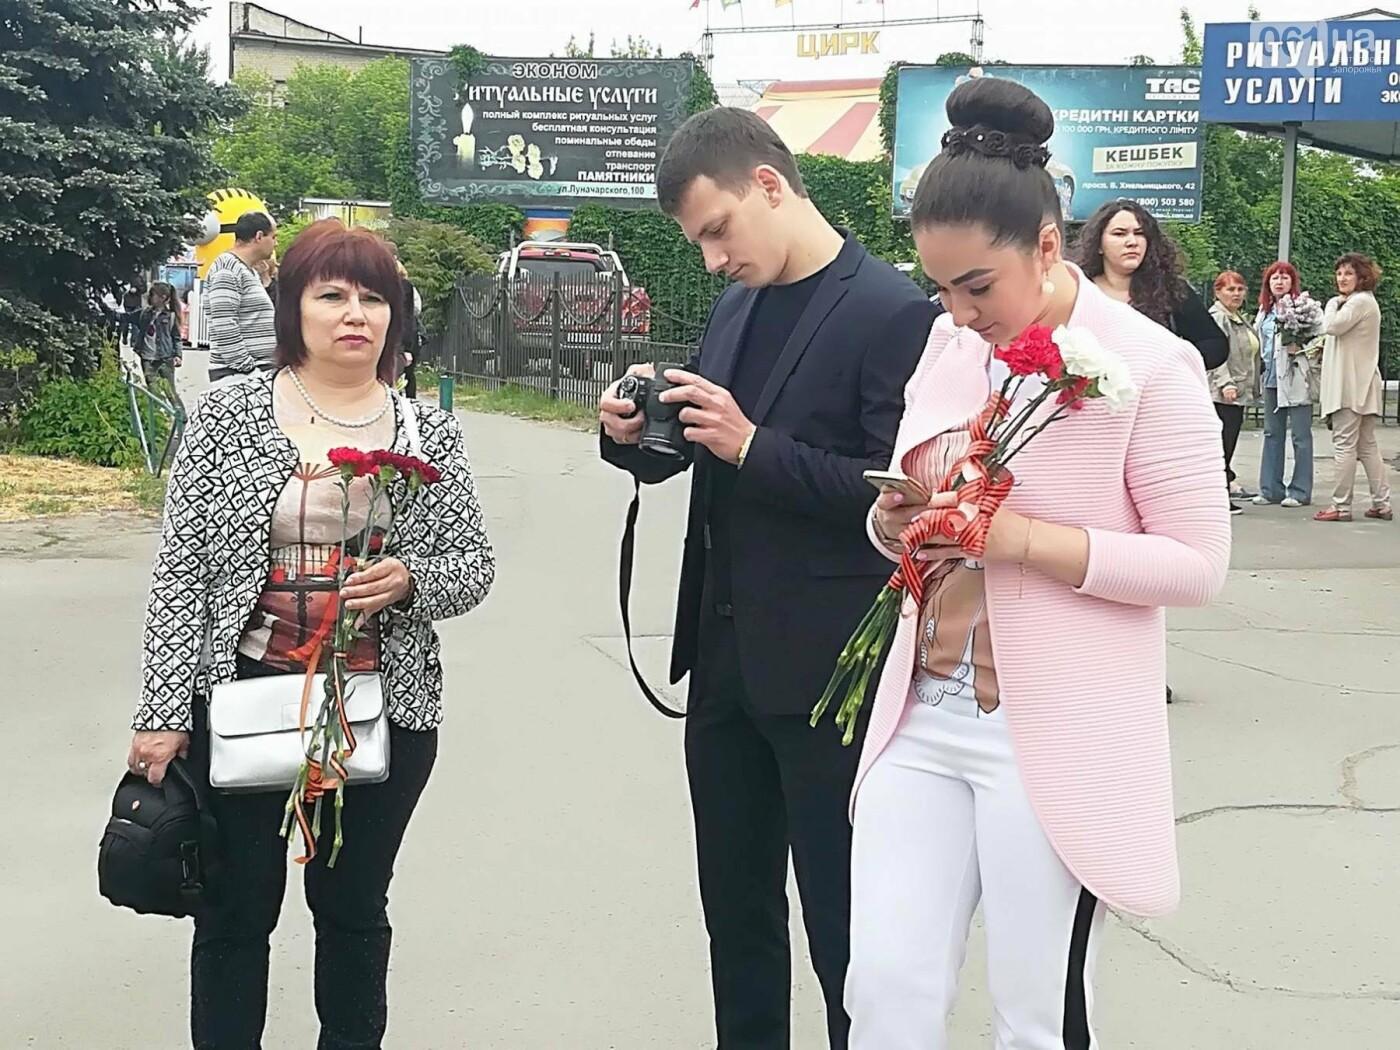 В Мелитополе митинг Балицкого закончился дракой - полиция просила снять георгиевские ленты, - ФОТО, ВИДЕО, фото-6